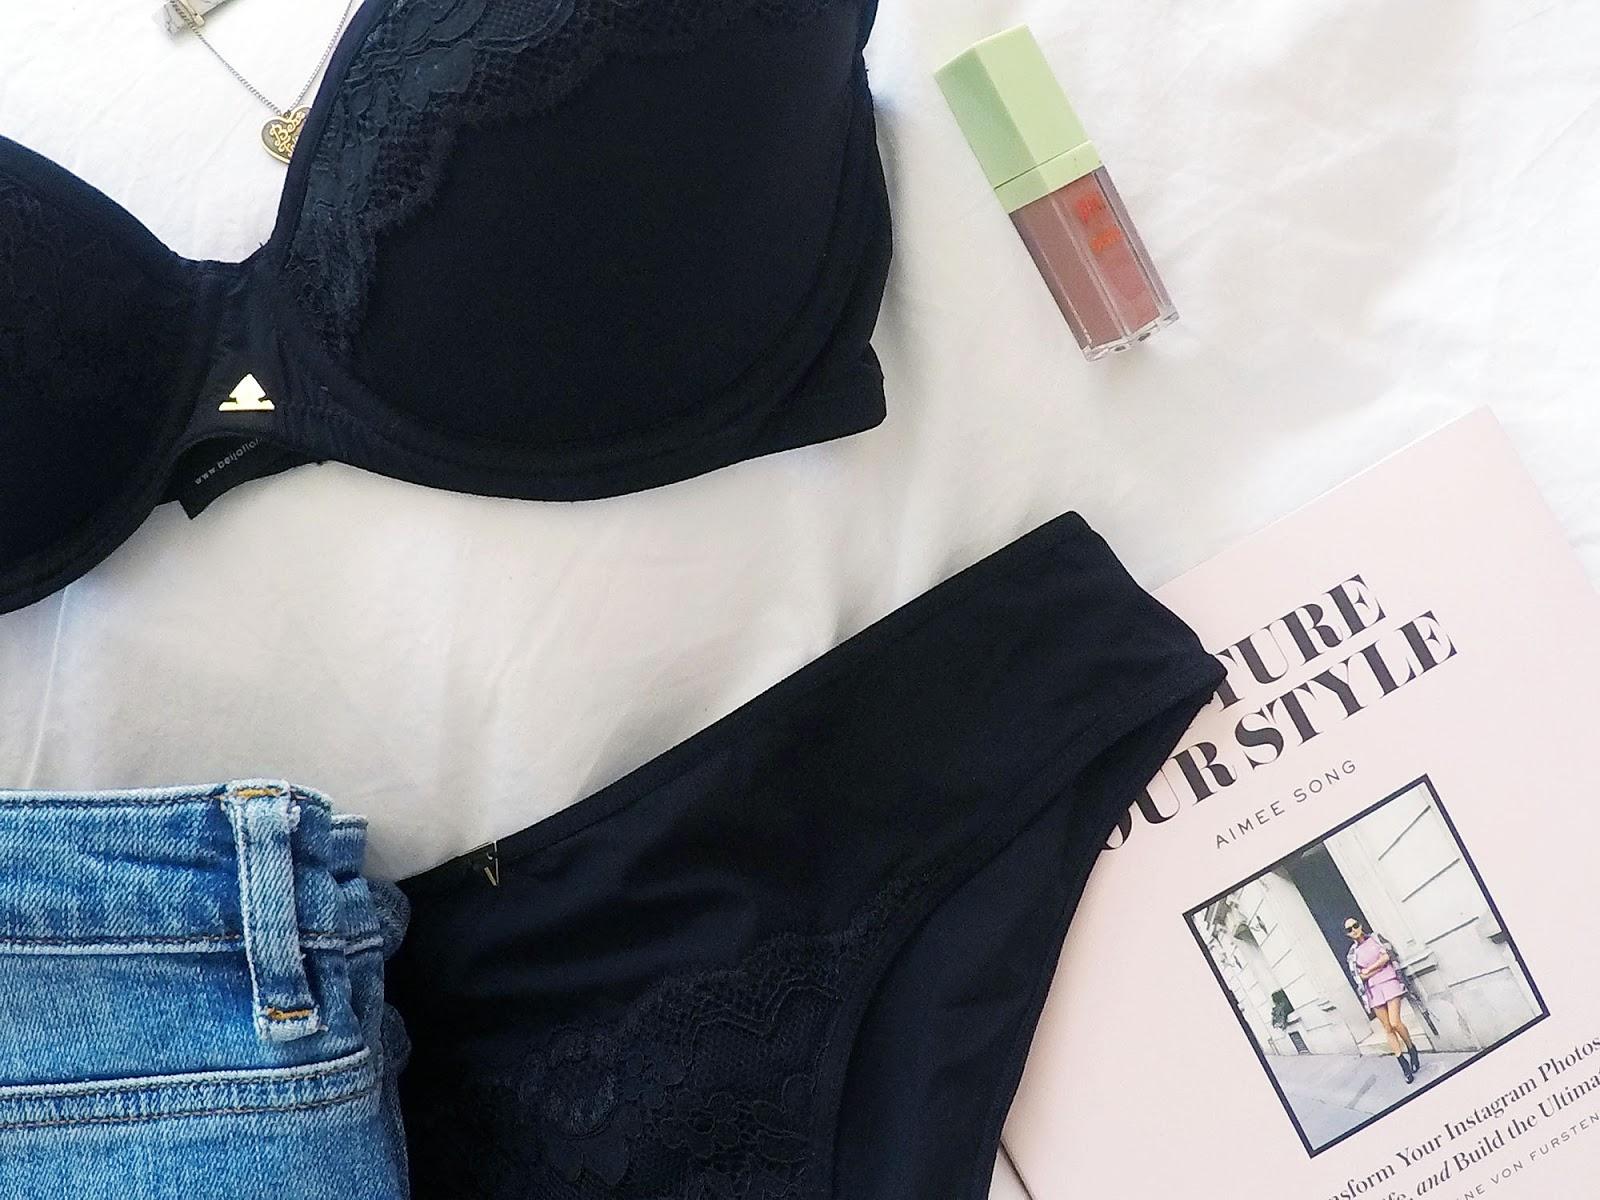 women's lingerie flat lay